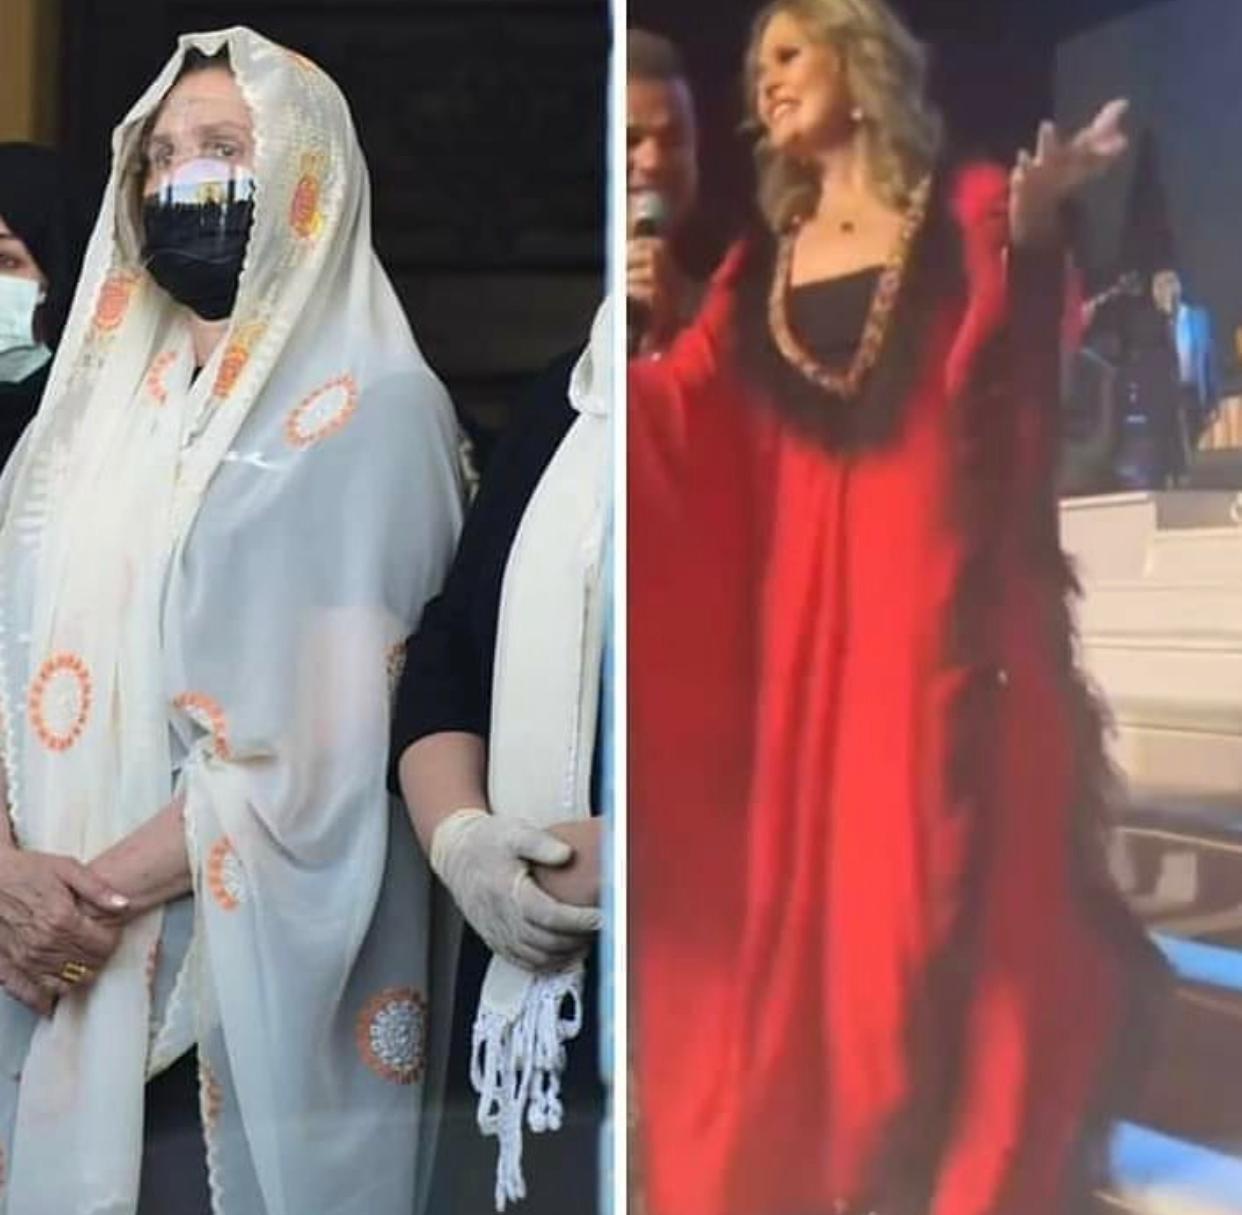 صورتان ليسرا في نفس اليوم تحزن صباحاً في جنازة سمير غانم وبالليل ترقص في حفل زفاف مع عمرو دياب